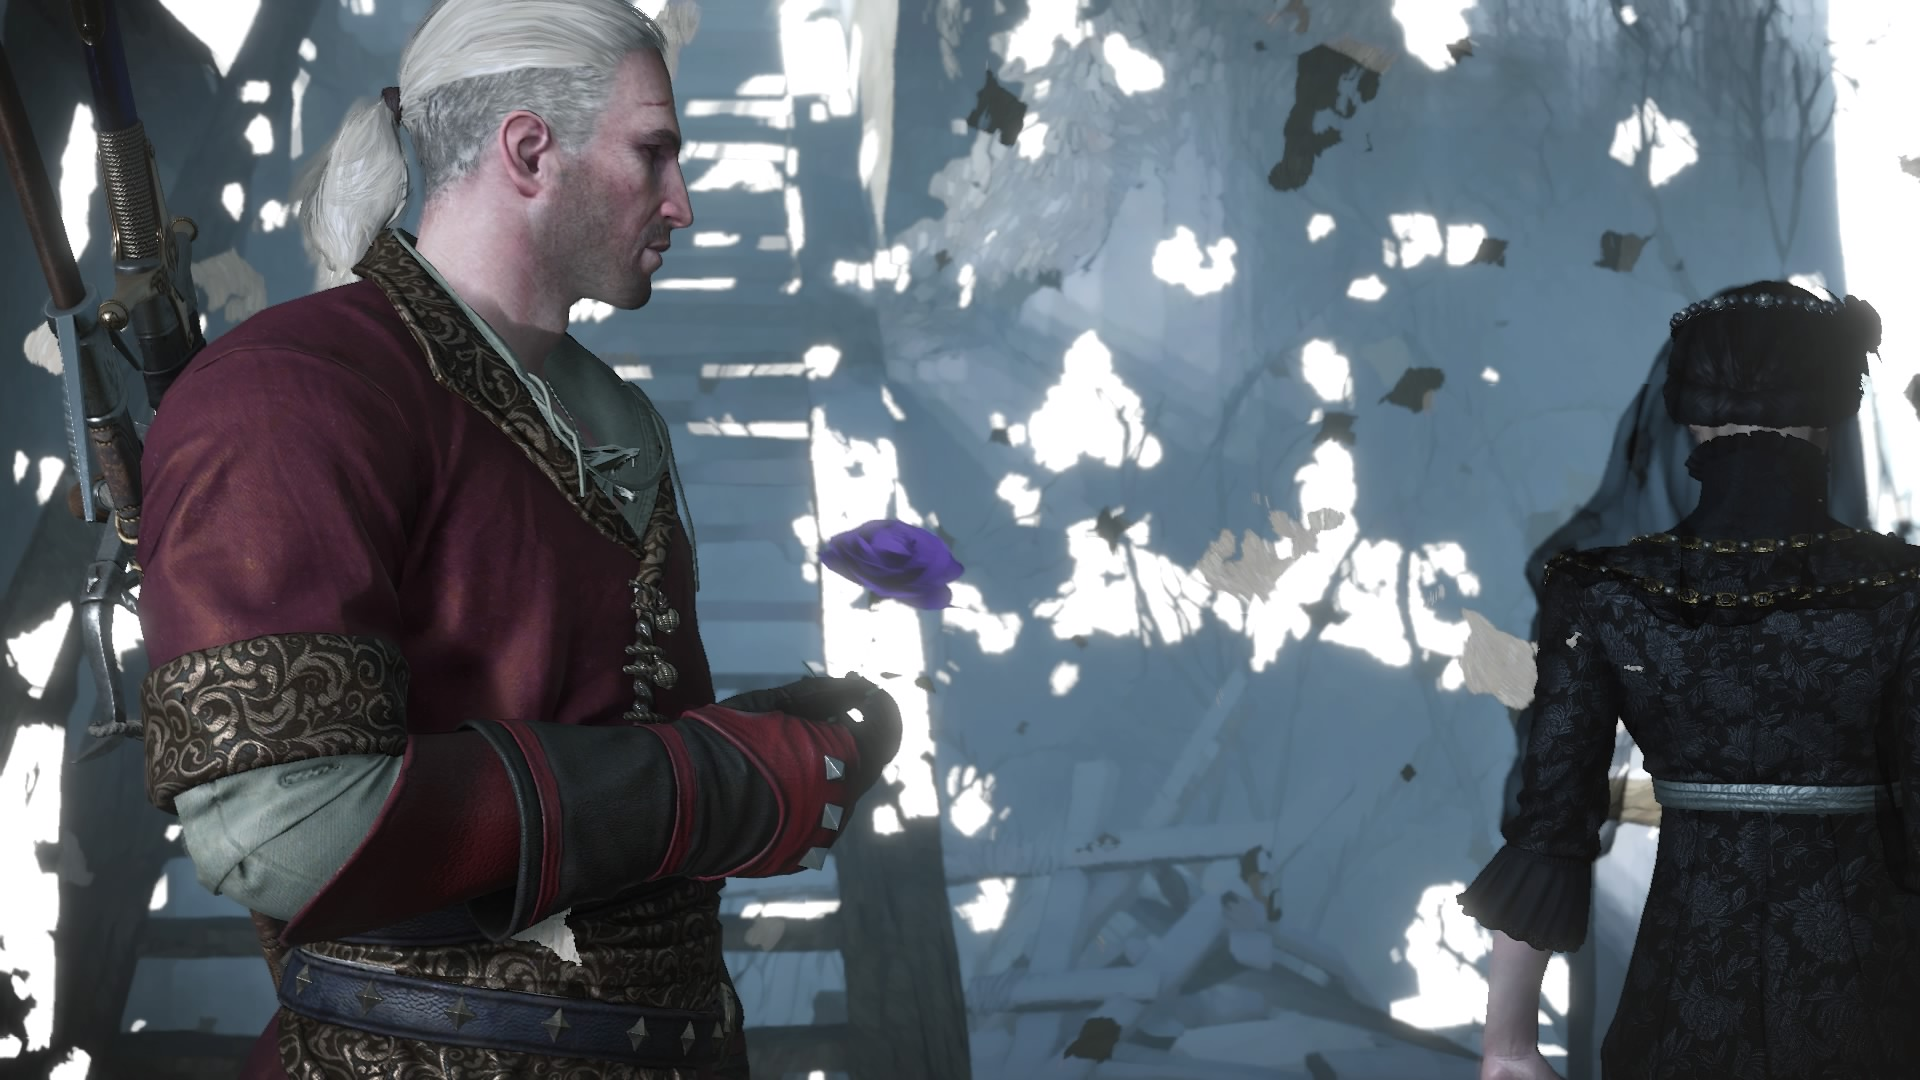 Геральт - Witcher 3: Wild Hunt, the DLC, Персонаж, Роза